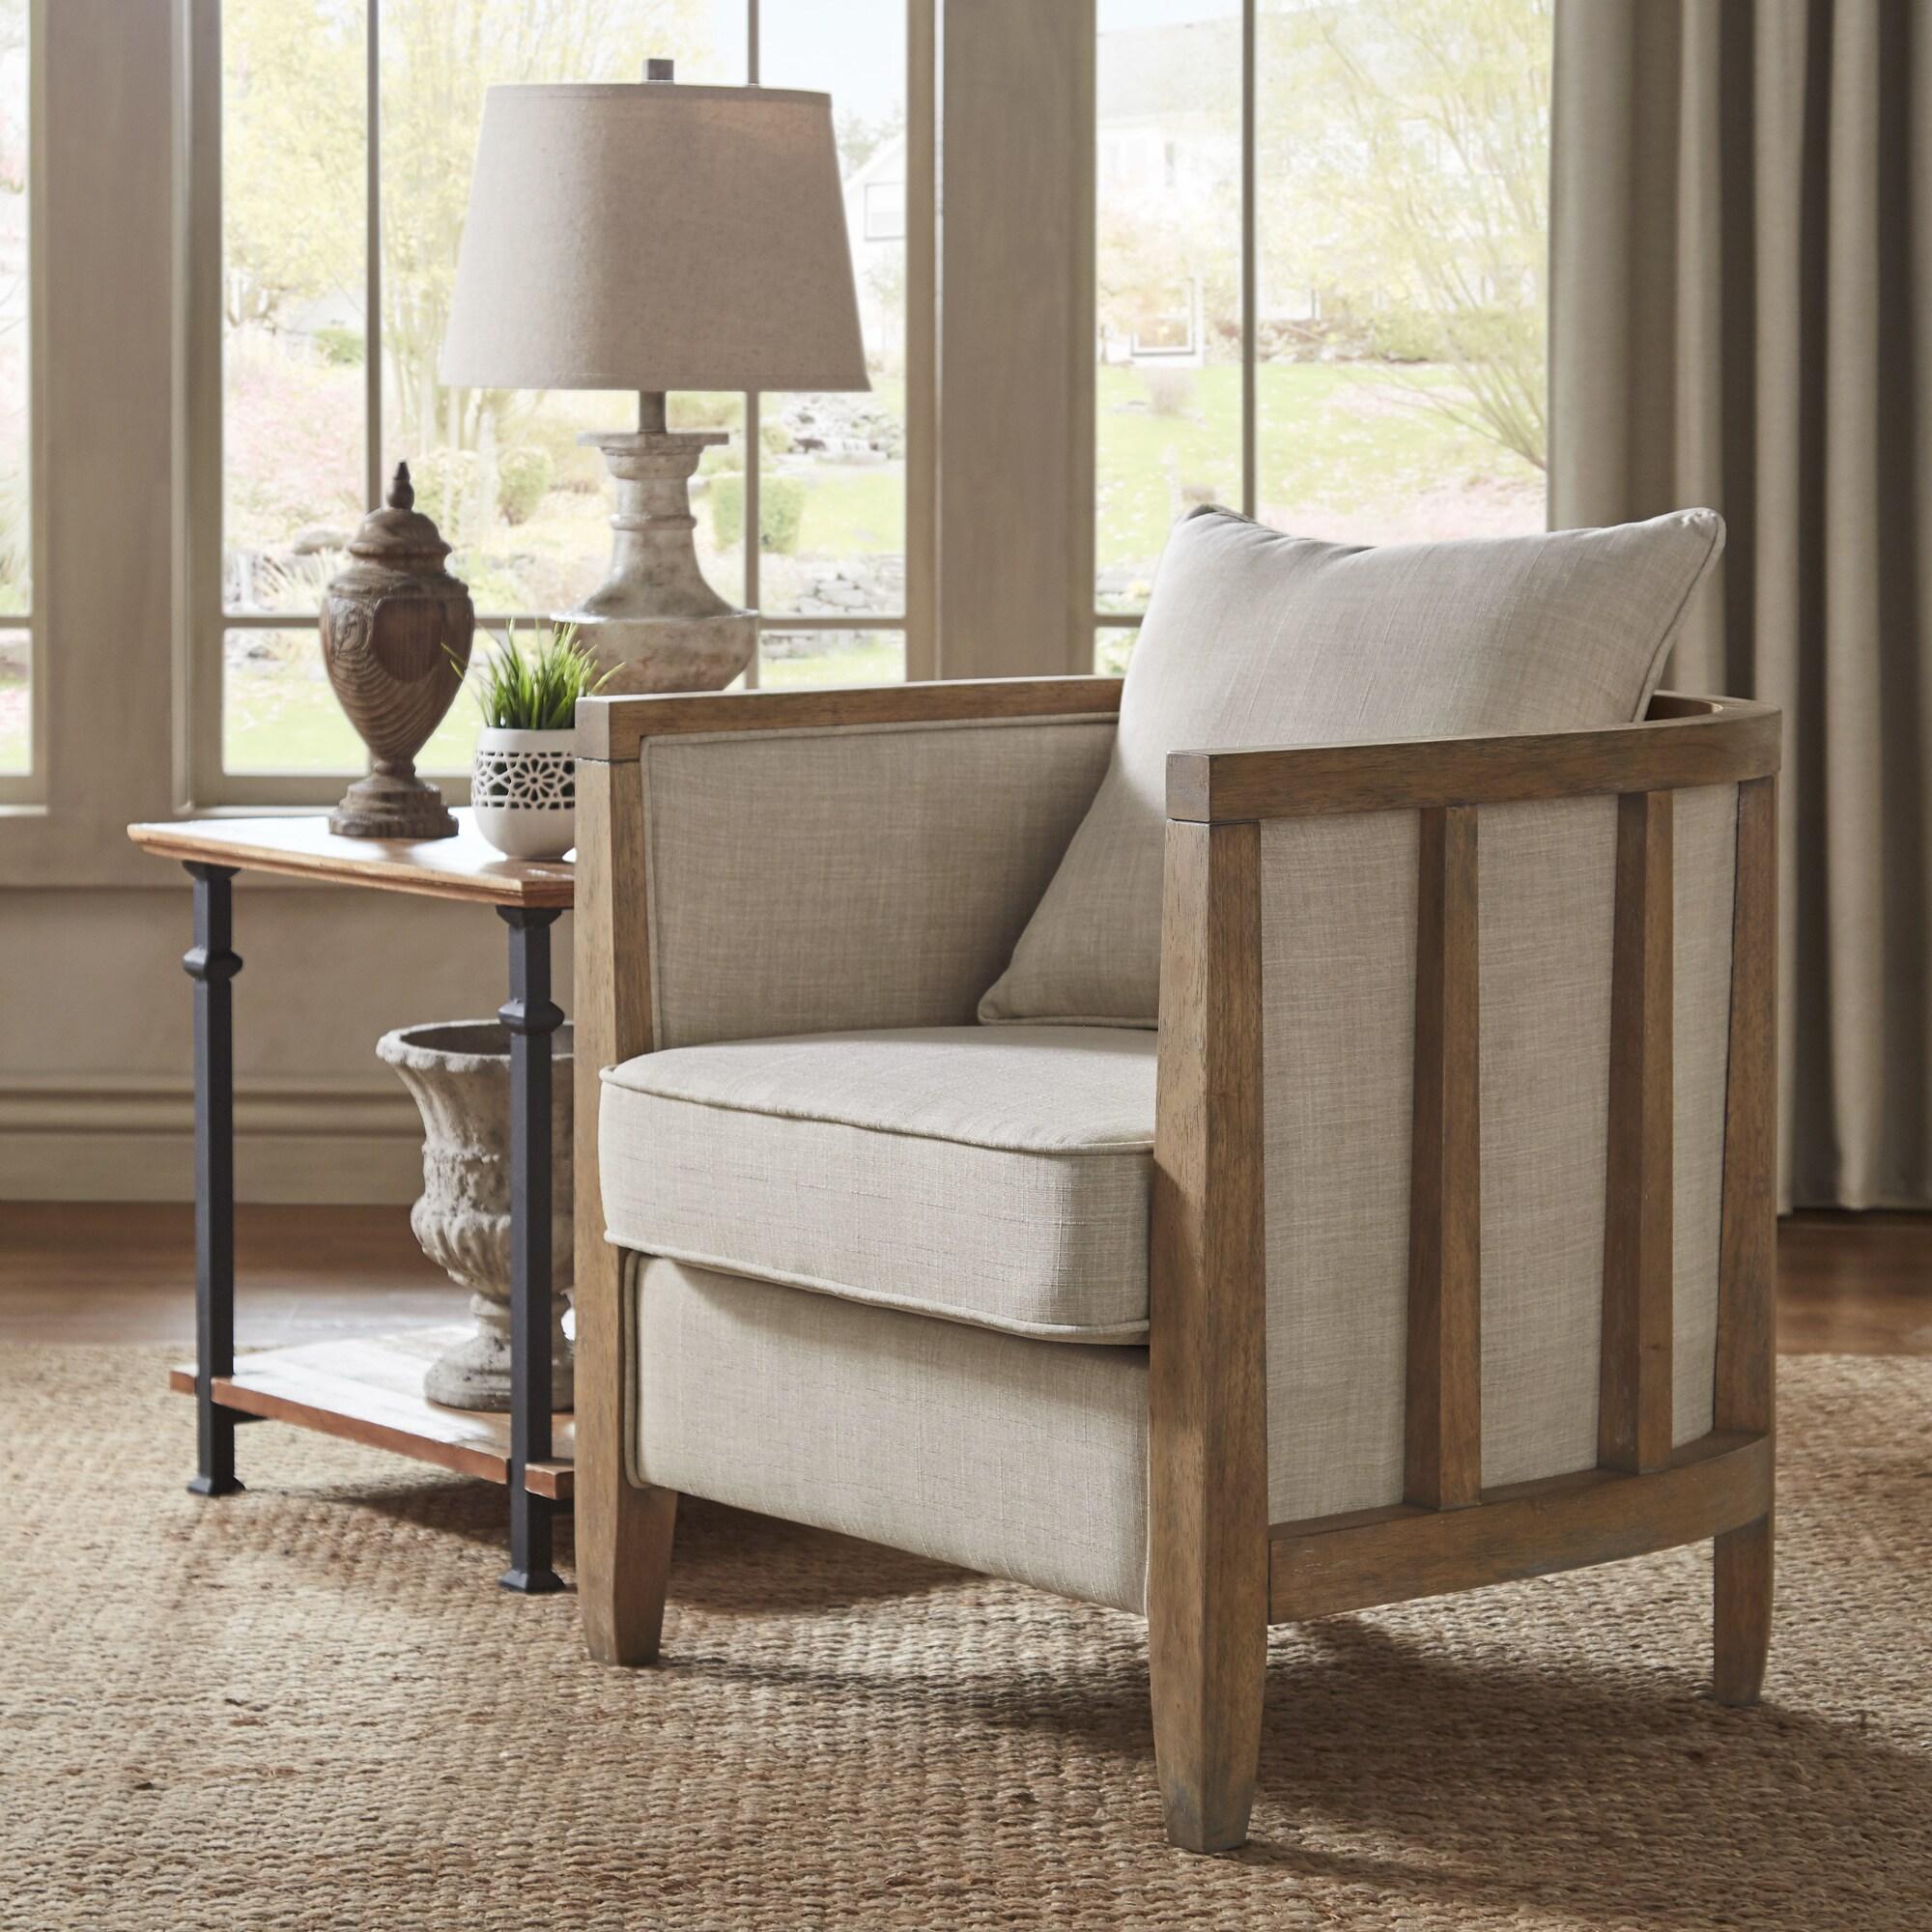 Rumi Exposed Wood Beige Linen Barrel Accent Chair by iNSPIRE Q Artisan (Beige Linen)